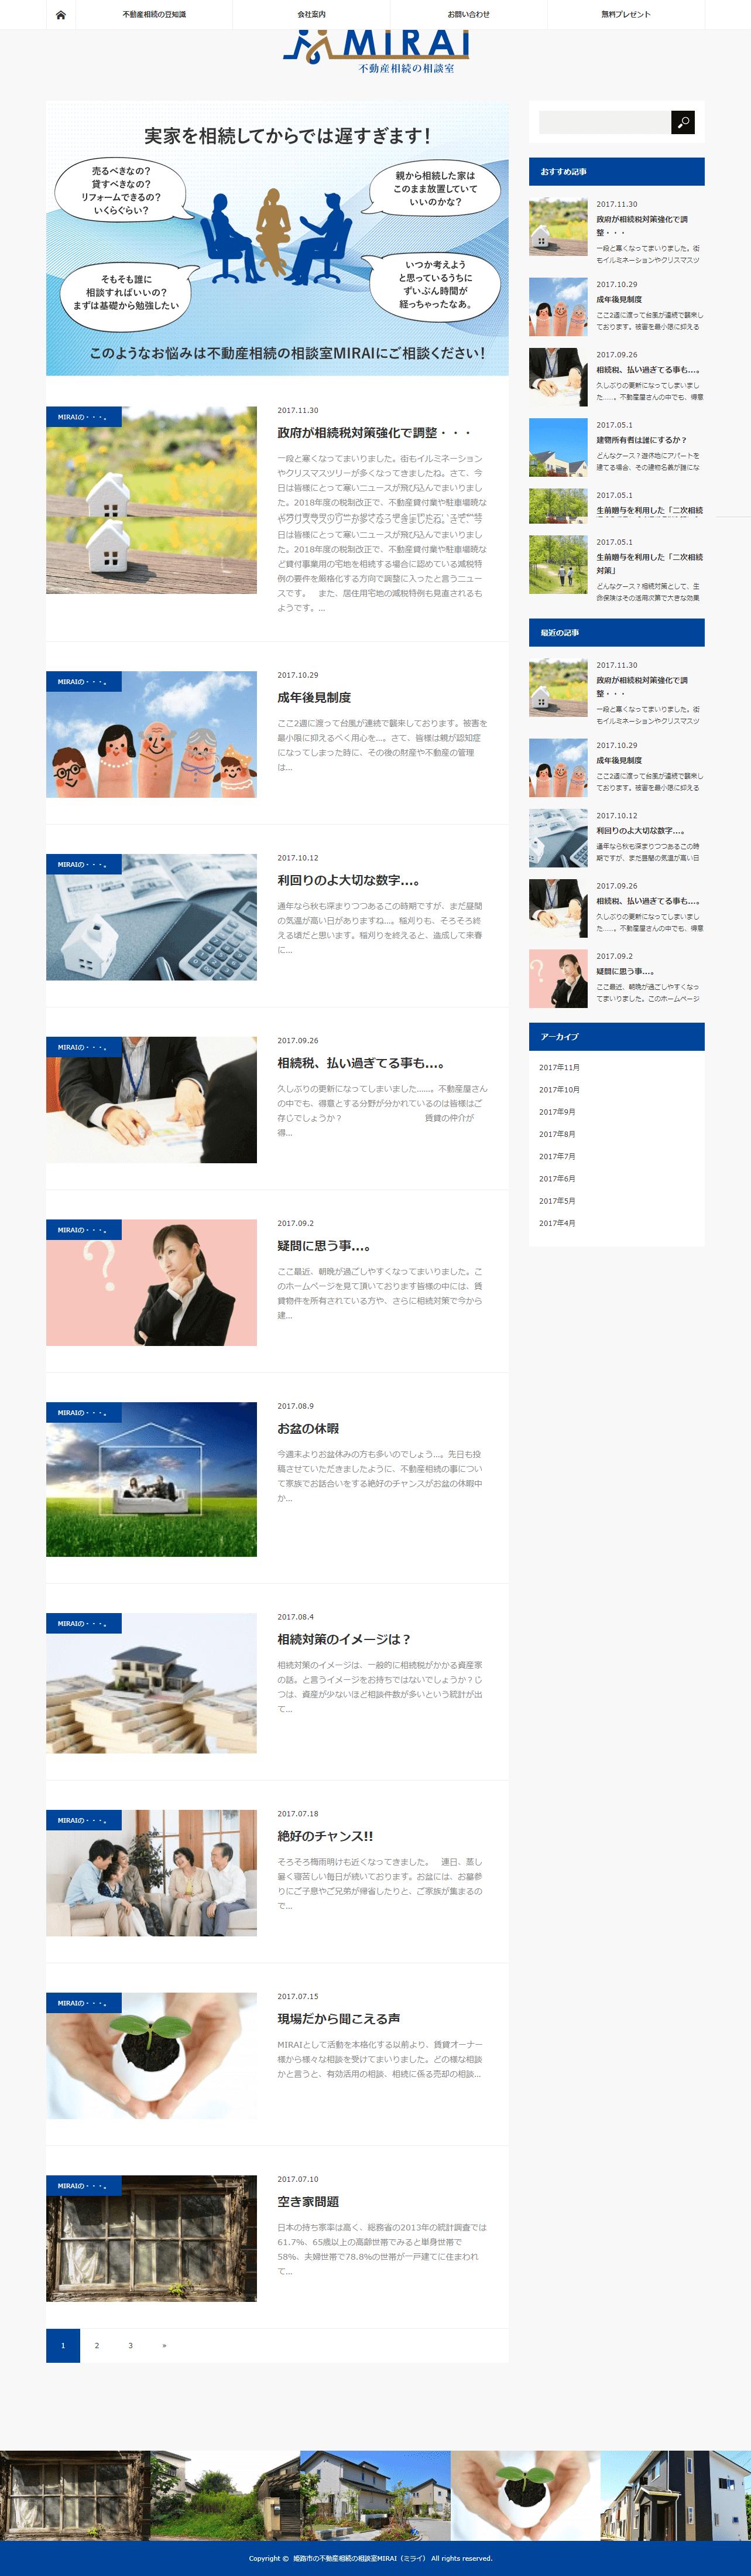 姫路市 ビッグホーム流通有限会社様 ホームページ制作1